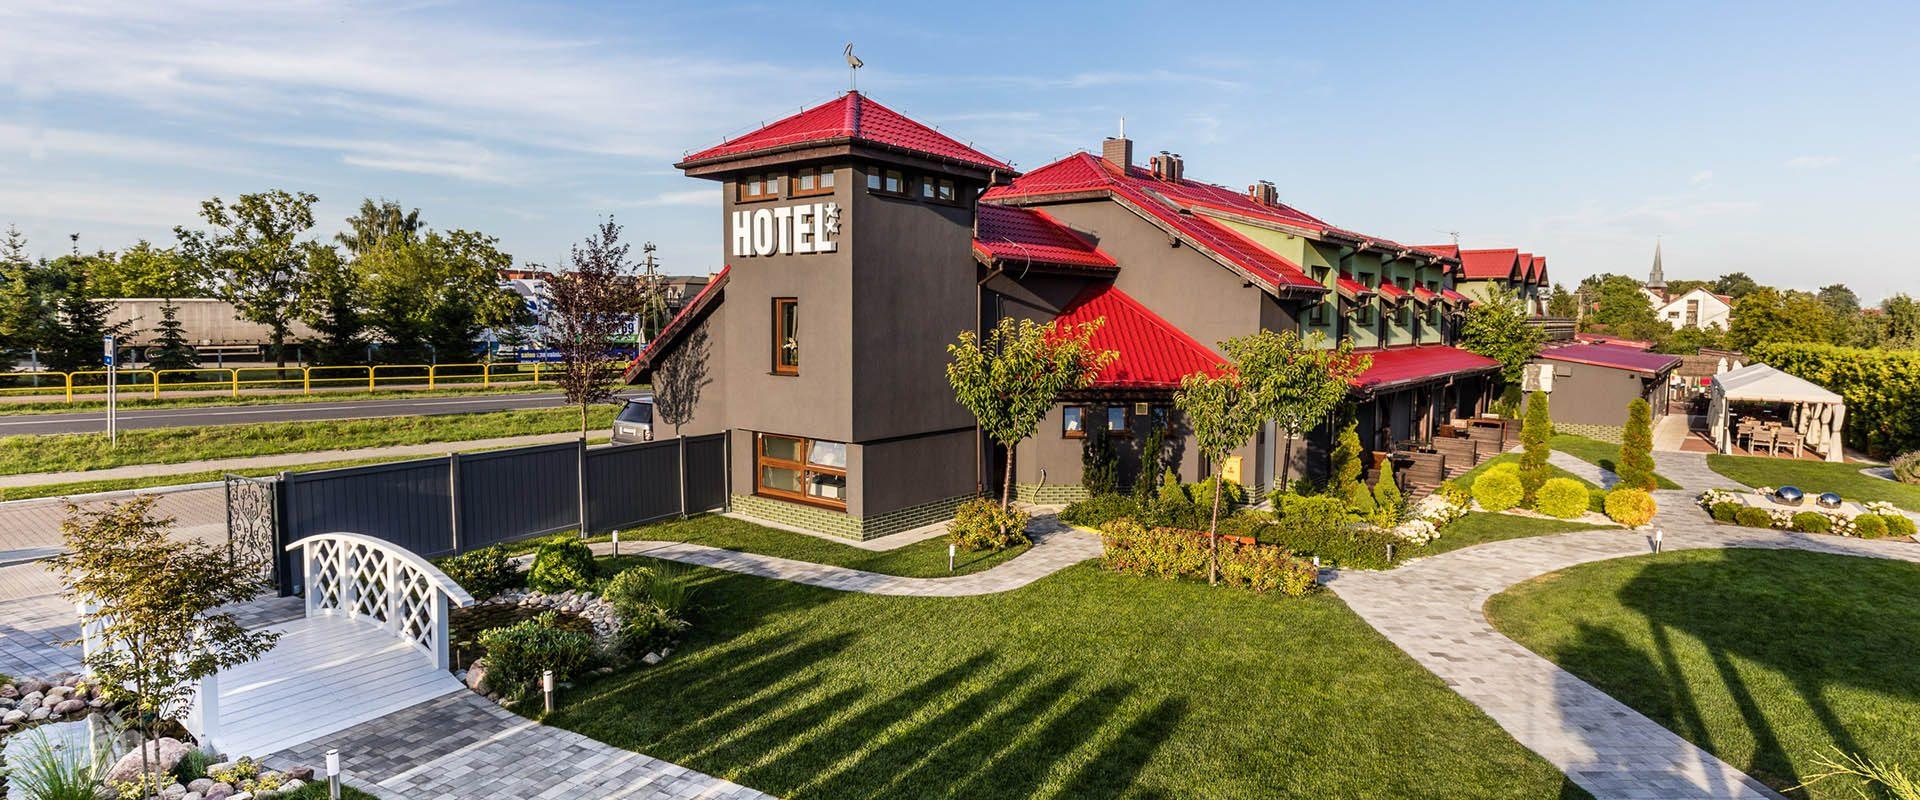 Nord Hotel Restauracja Szczecin Sala Weselna Wesela Komunie